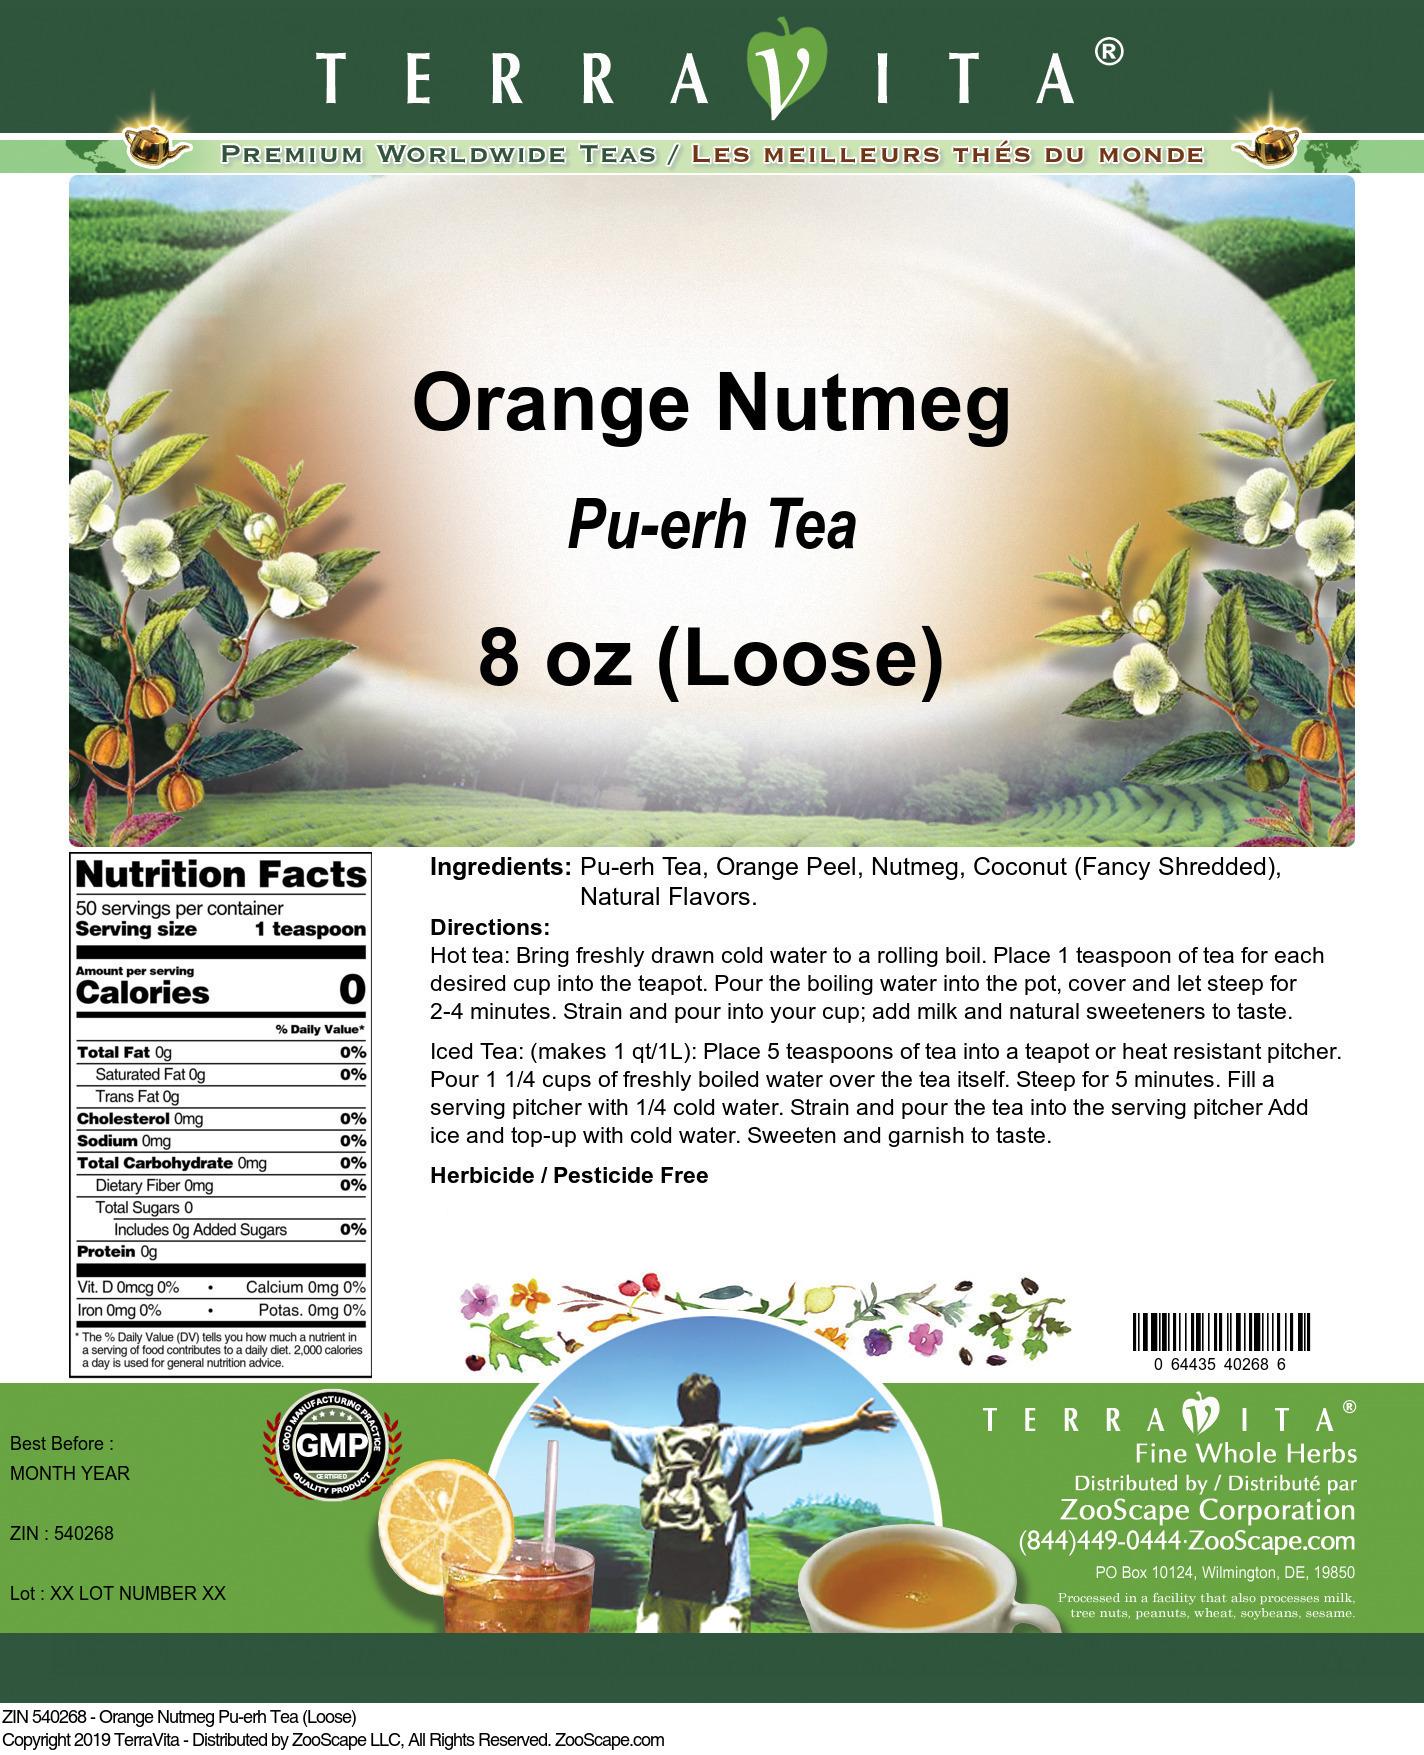 Orange Nutmeg Pu-erh Tea (Loose)